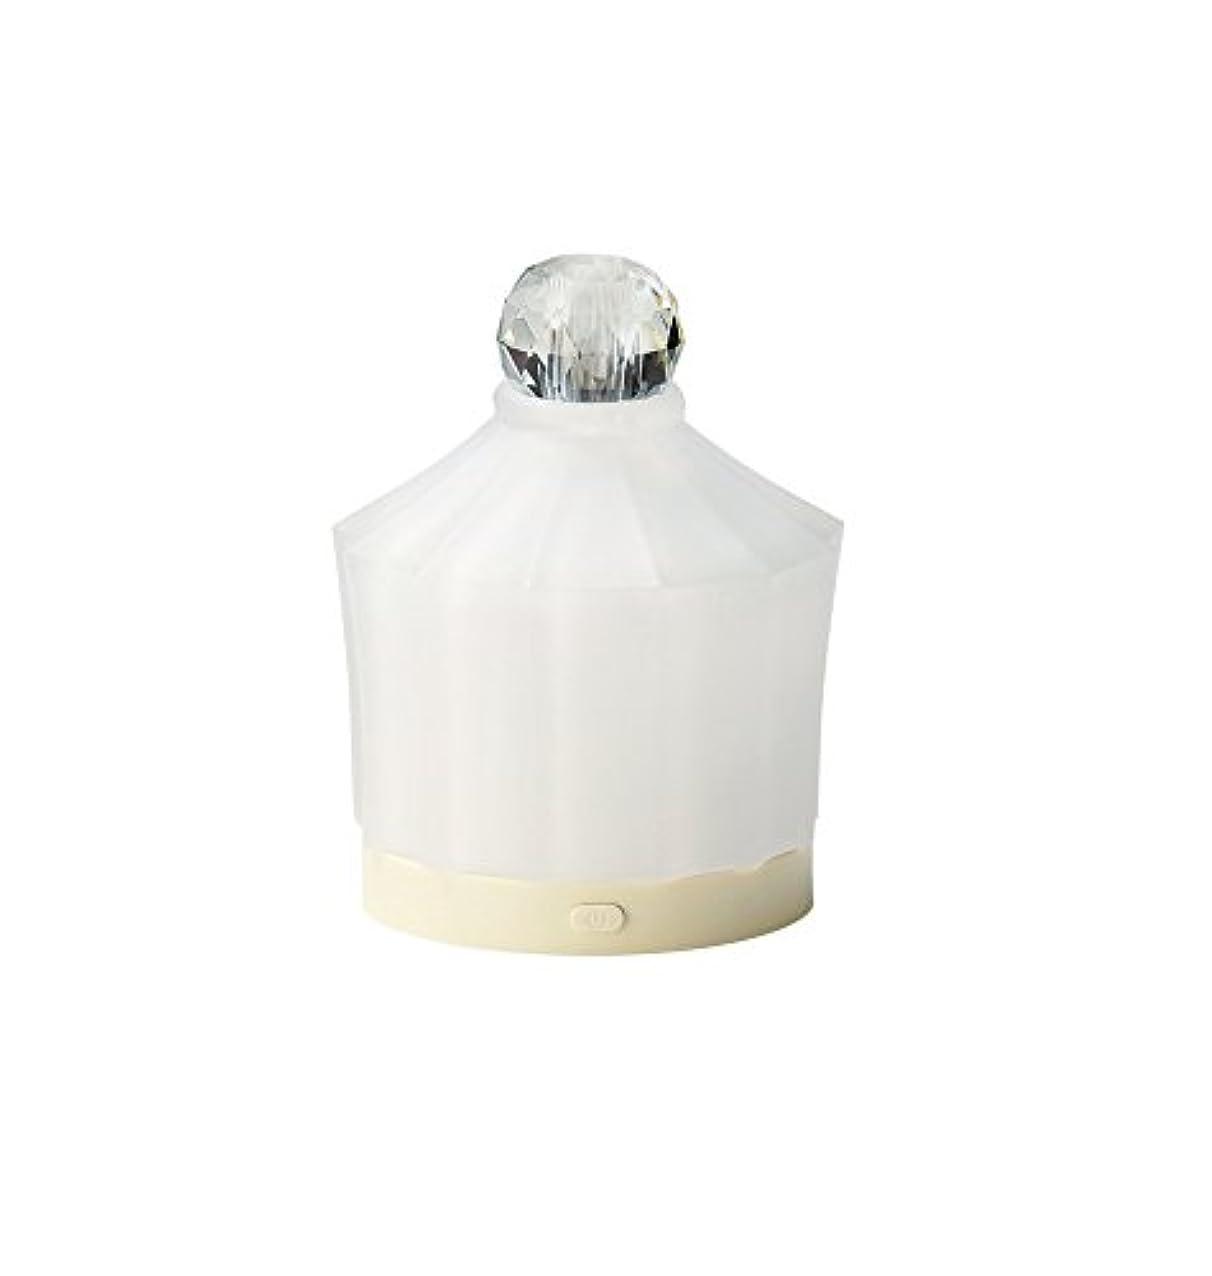 ラドンナ アロマディフューザー エタニティミニ ADF12-JWM ホワイト